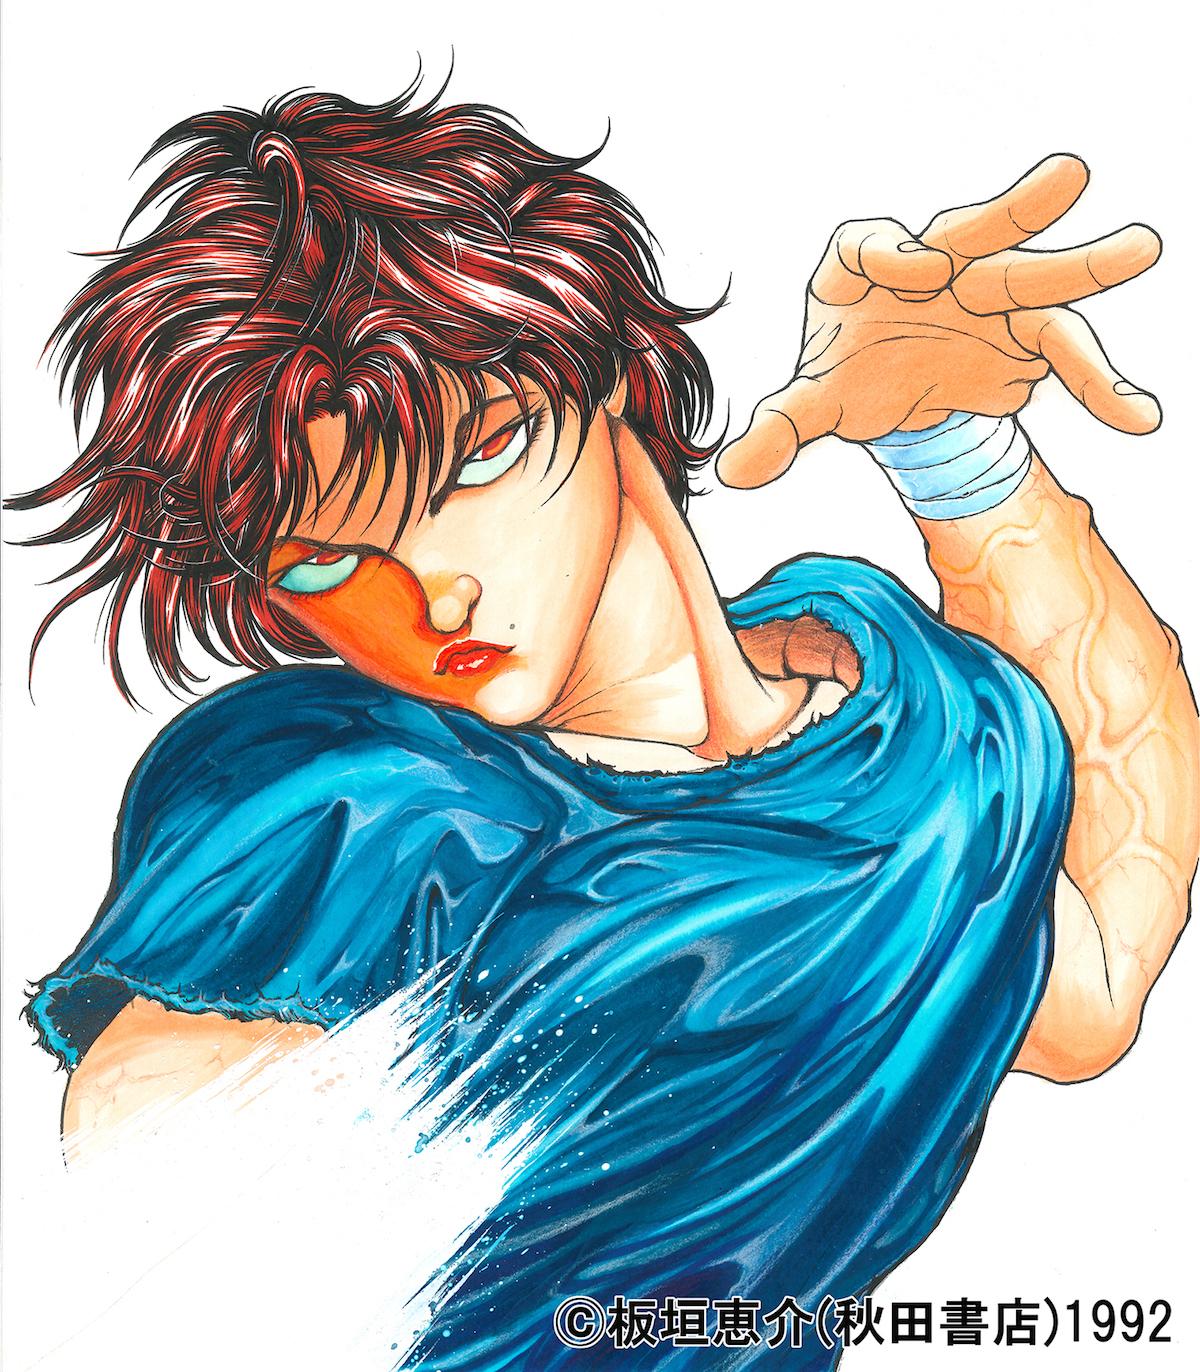 『バキ』 (C)板垣恵介(秋田書店)1992 (C)板垣恵介(週刊少年チャンピオン)/バキ製作委員会